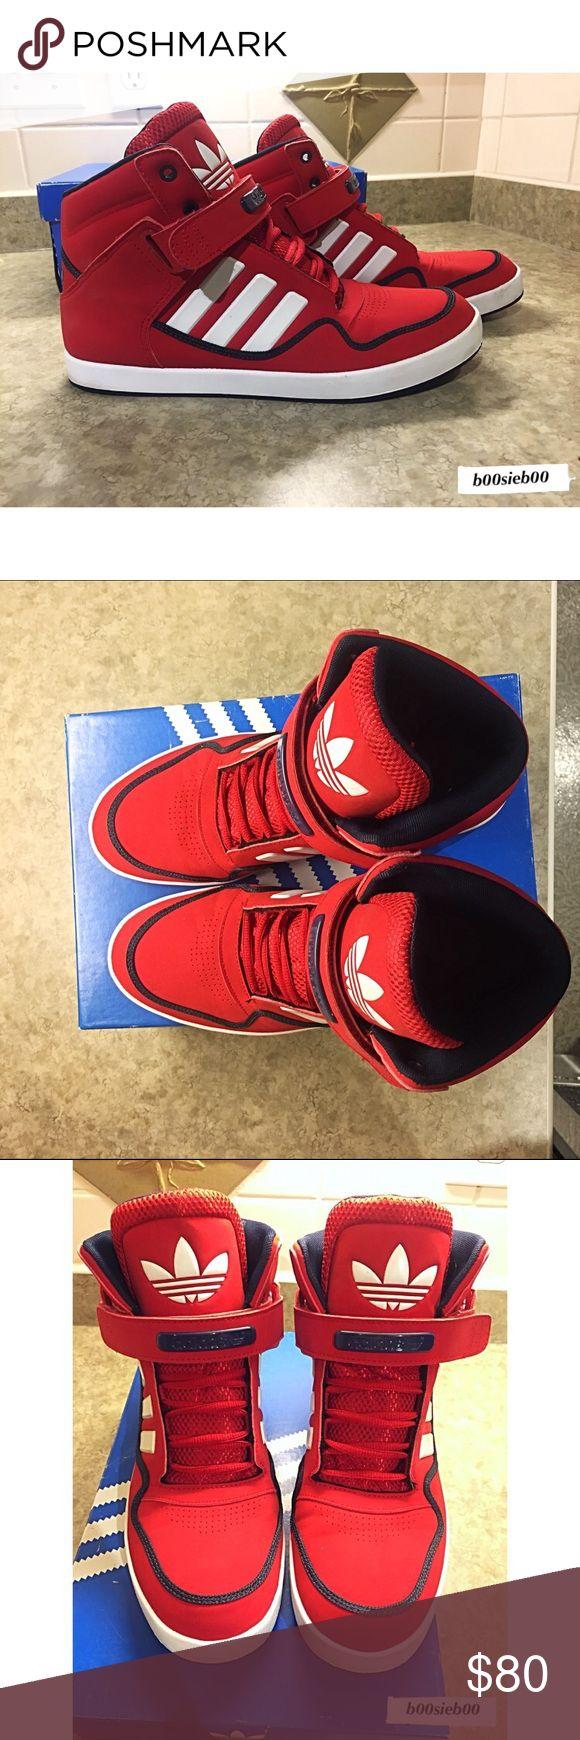 Adidas Originals Adidas Originals AR 2.0 Red/White High Tops Adidas Shoes Sneakers